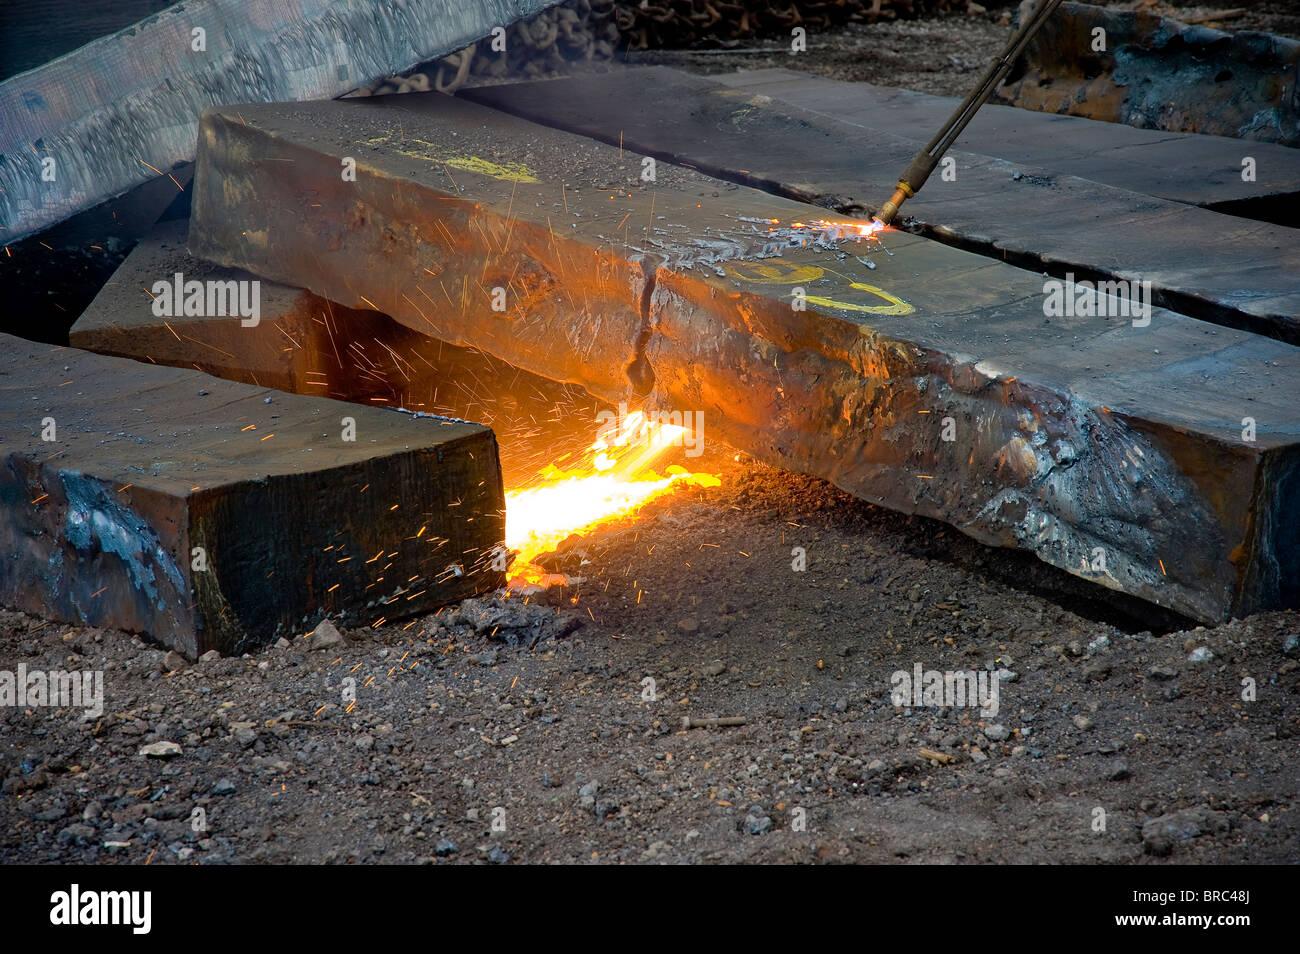 Chalumeau à acétylène oxygène grâce à trancher l'acier pour le recyclage de l'acier, Photo Stock